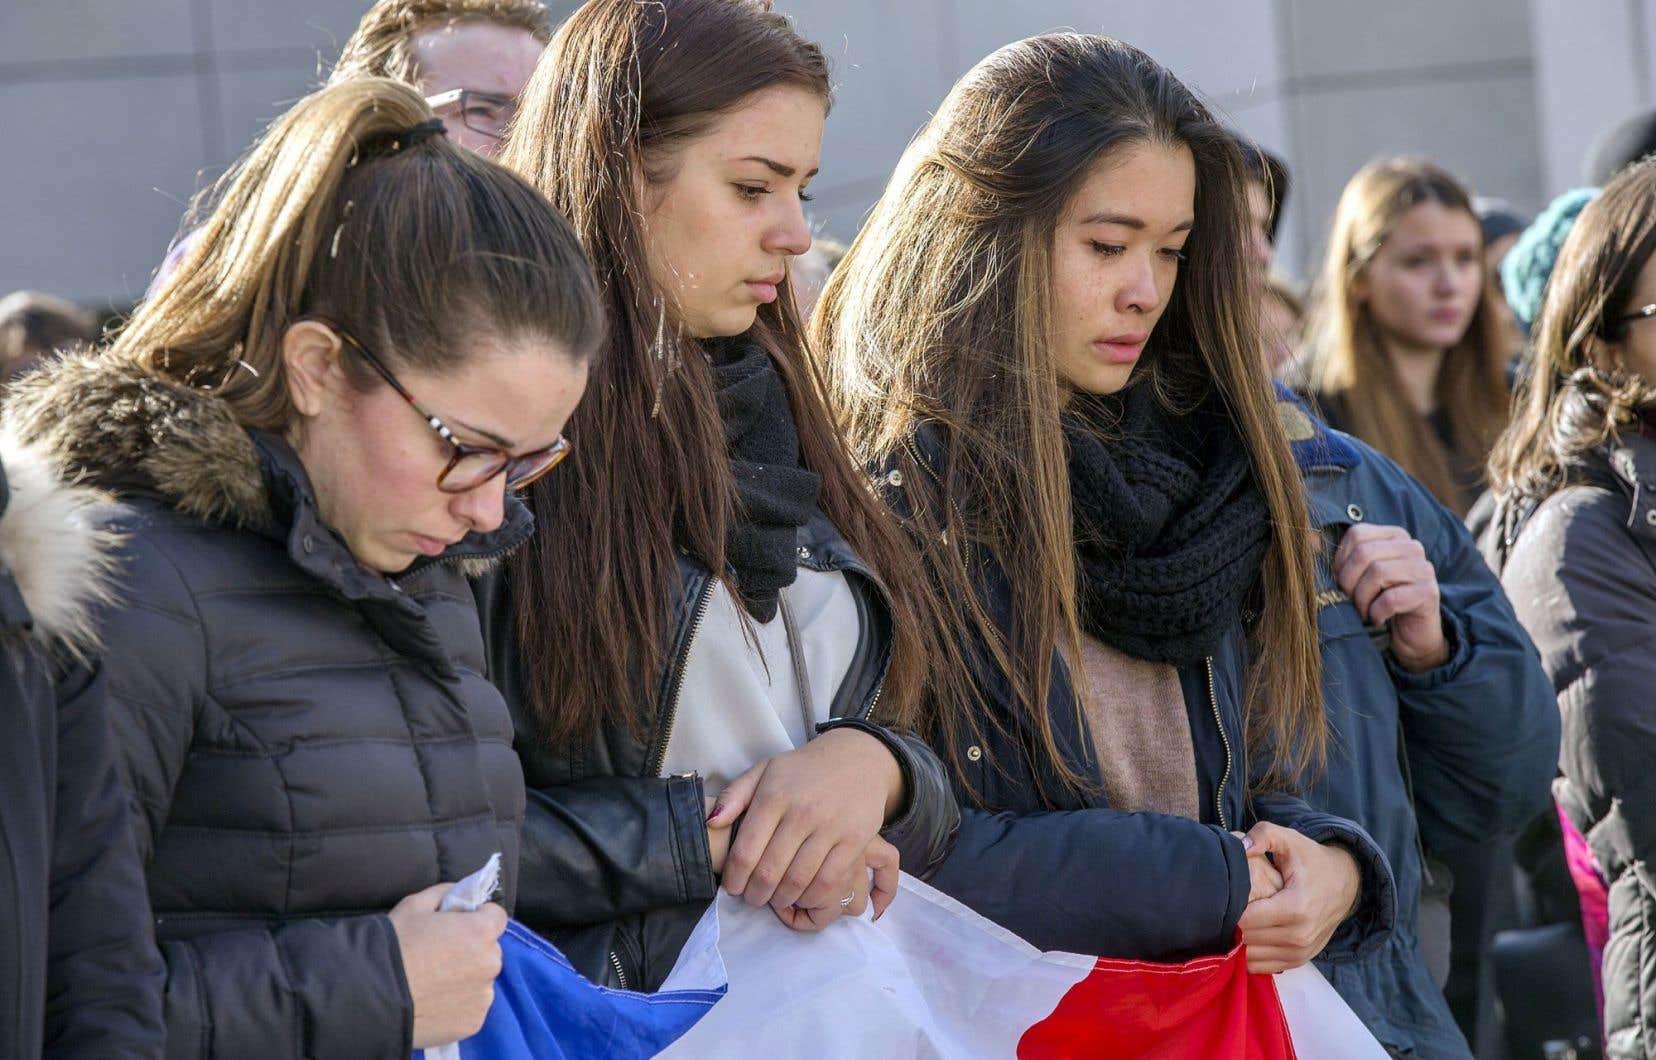 C'est parce que nous partageons plus qu'une humanité commune avec les Parisiens que notre solidarité est explosive, viscérale.